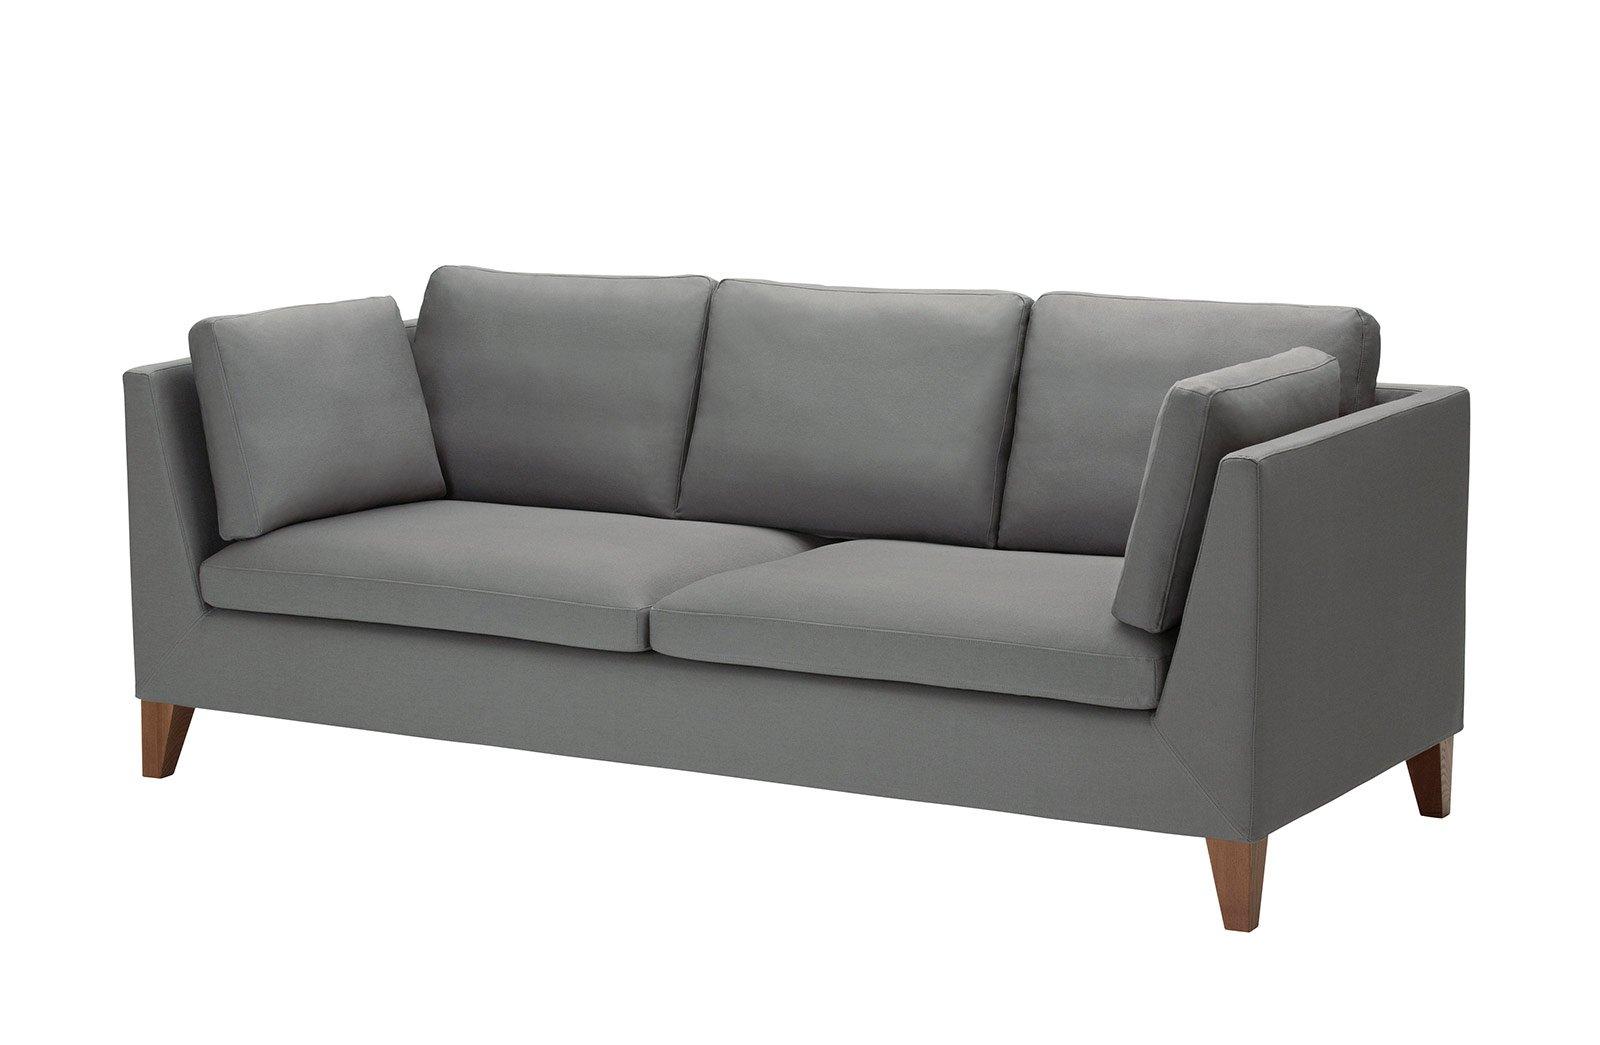 Divano scuro con quali accessori lo ravvivo cose di casa - Cuscini schienale divano ...